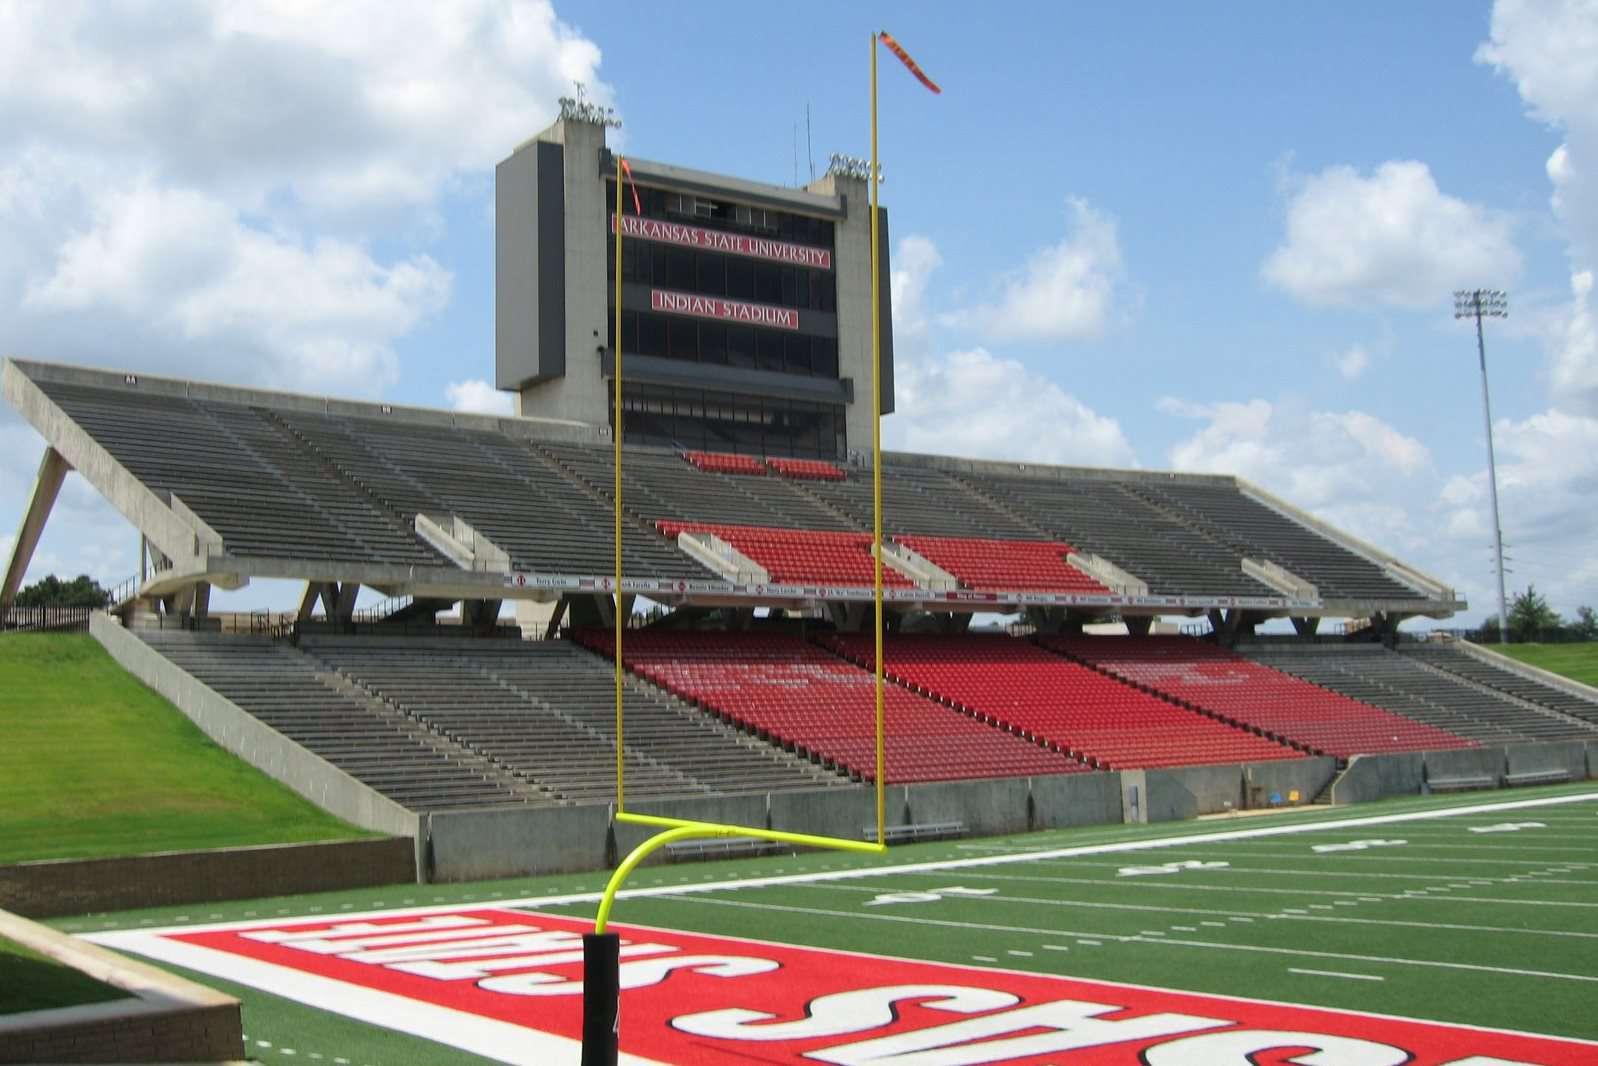 The Arkansas State University Stadium